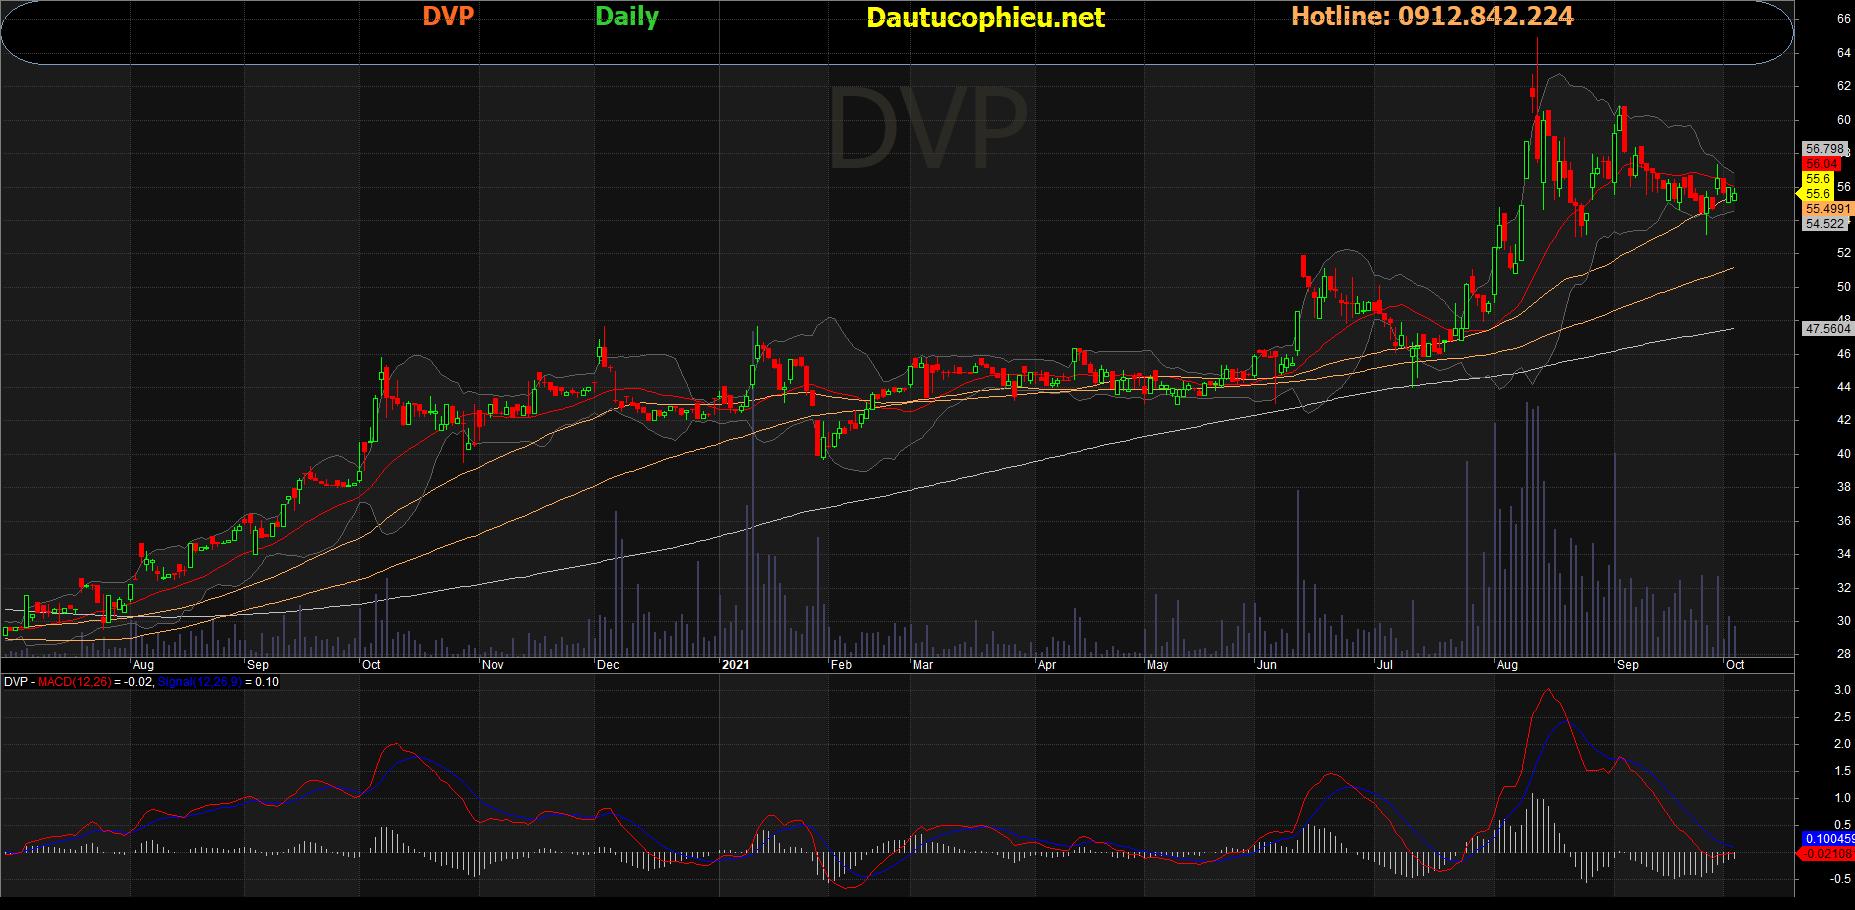 Đồ thị cổ phiếu DVP phiên giao dịch ngày 05/10/2021. Nguồn: AmiBroker